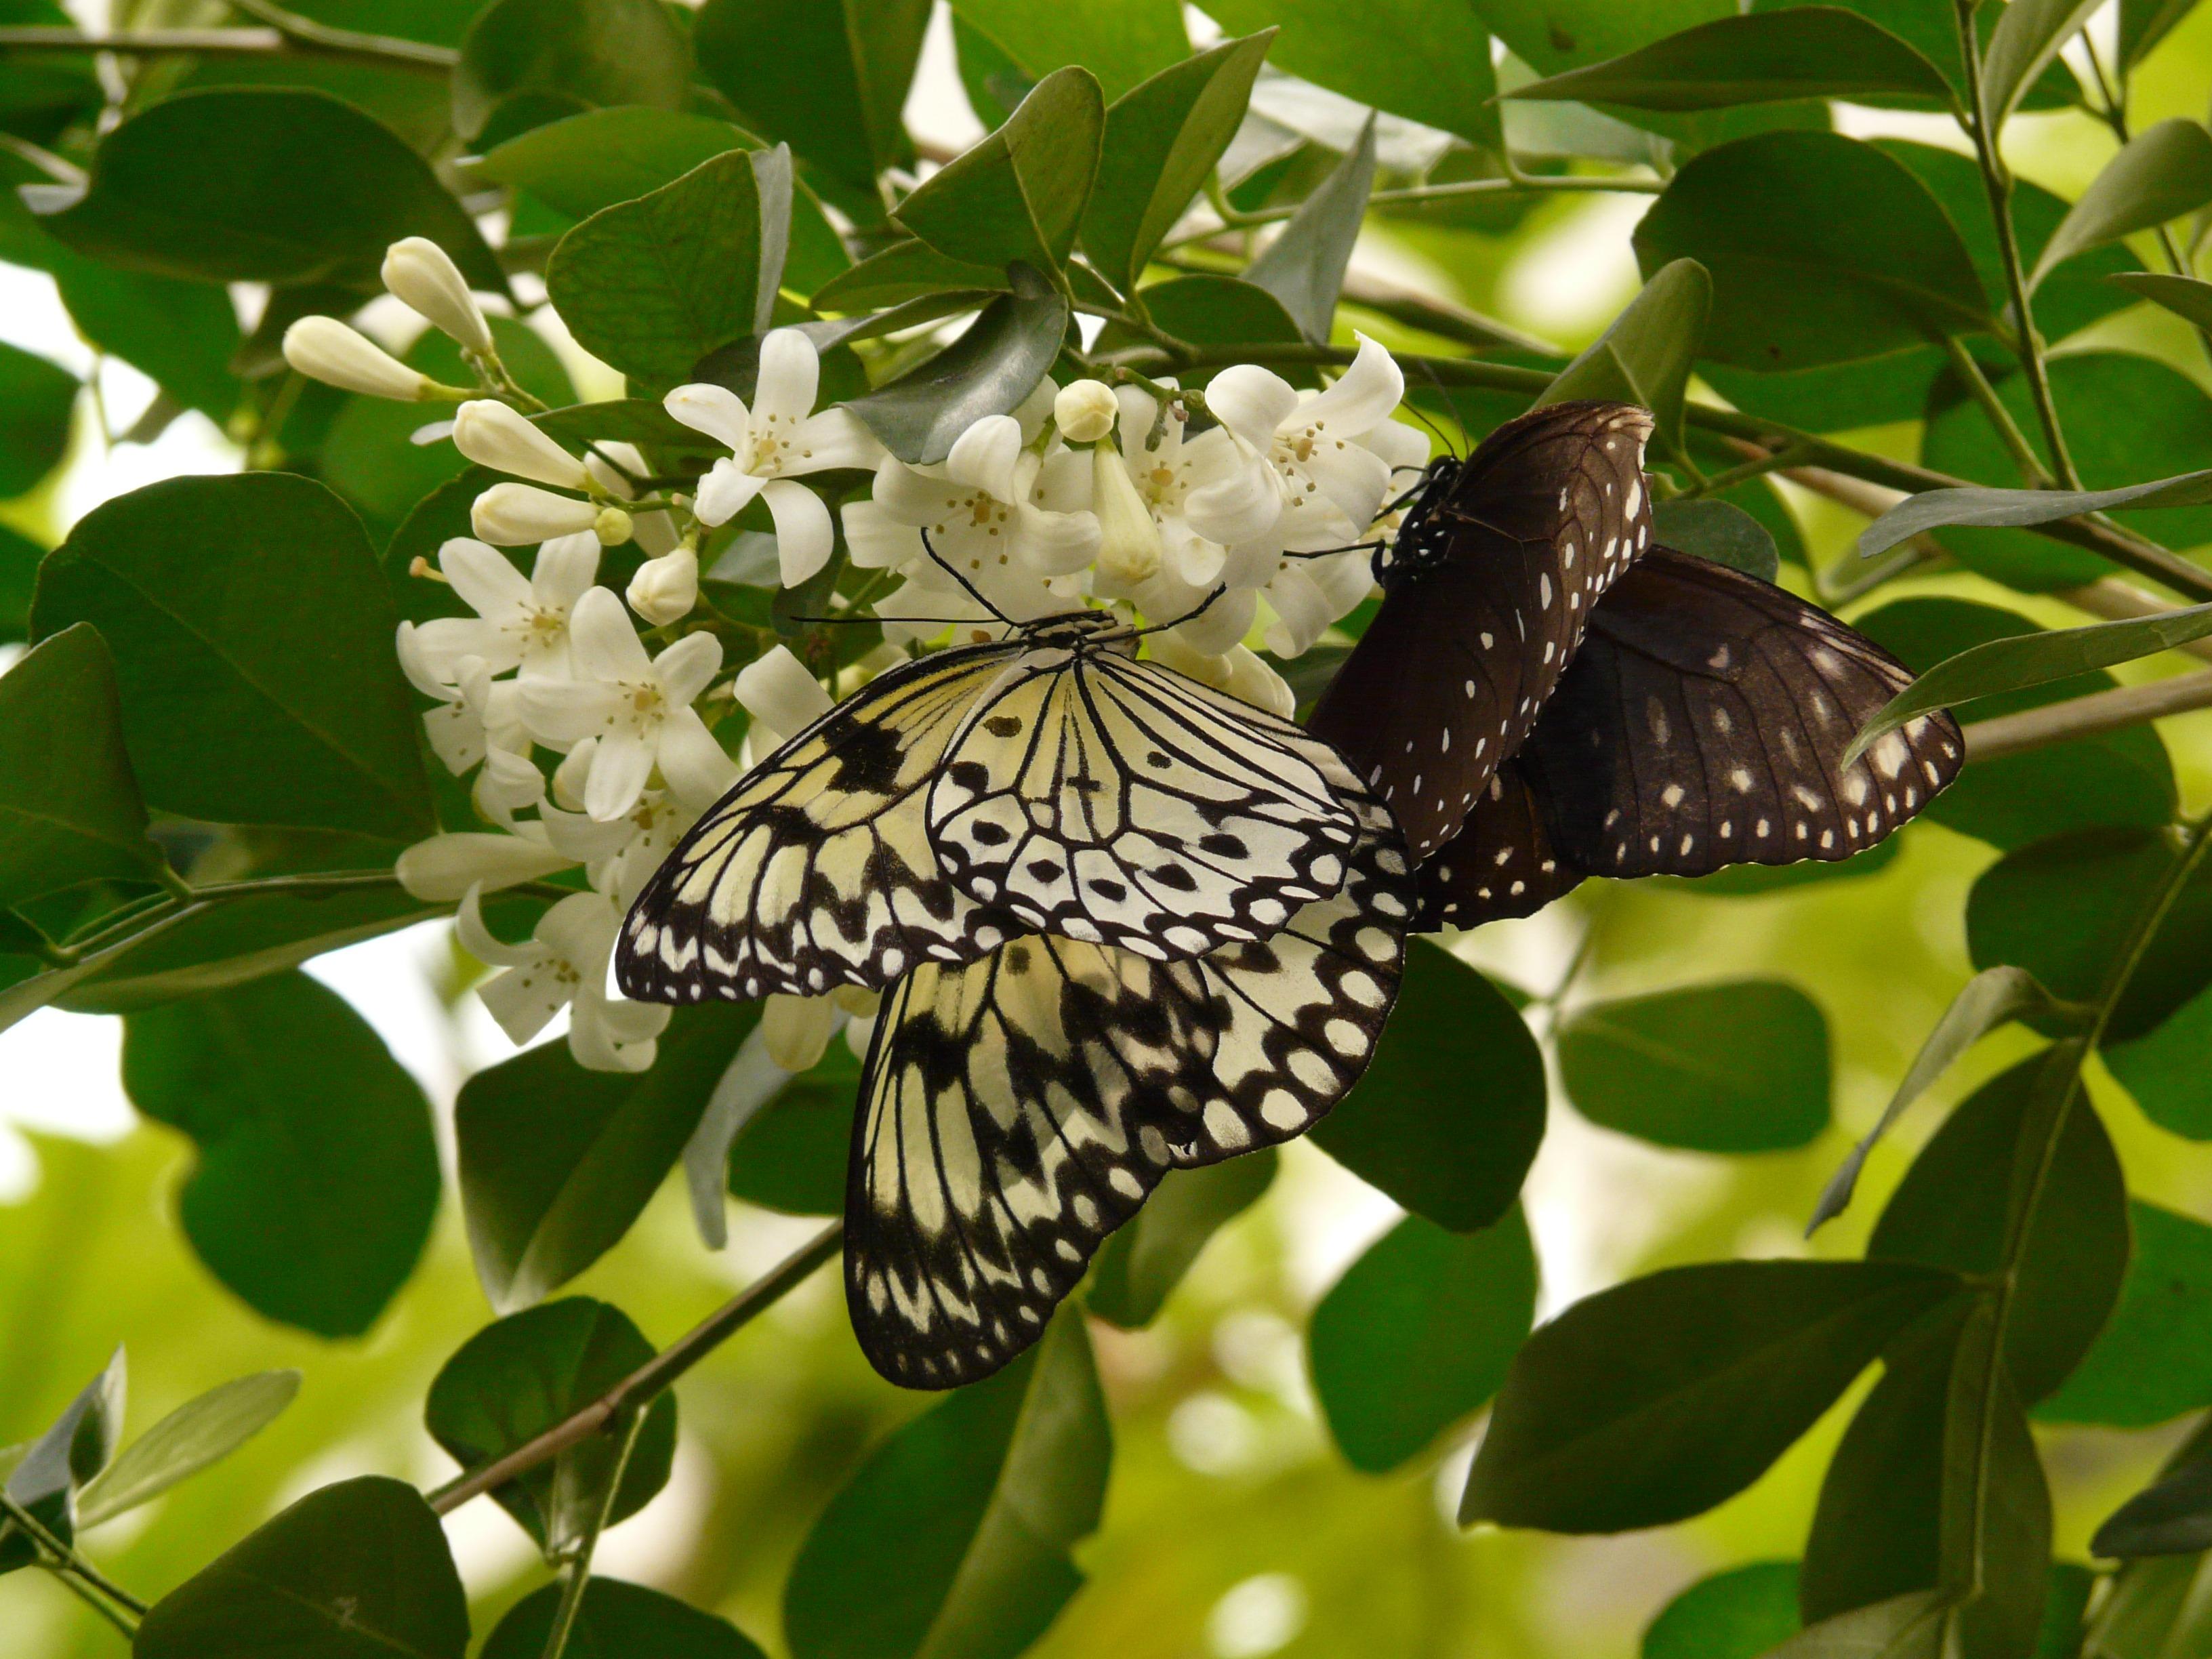 Images Gratuites Branche Fleur Tropical Insecte